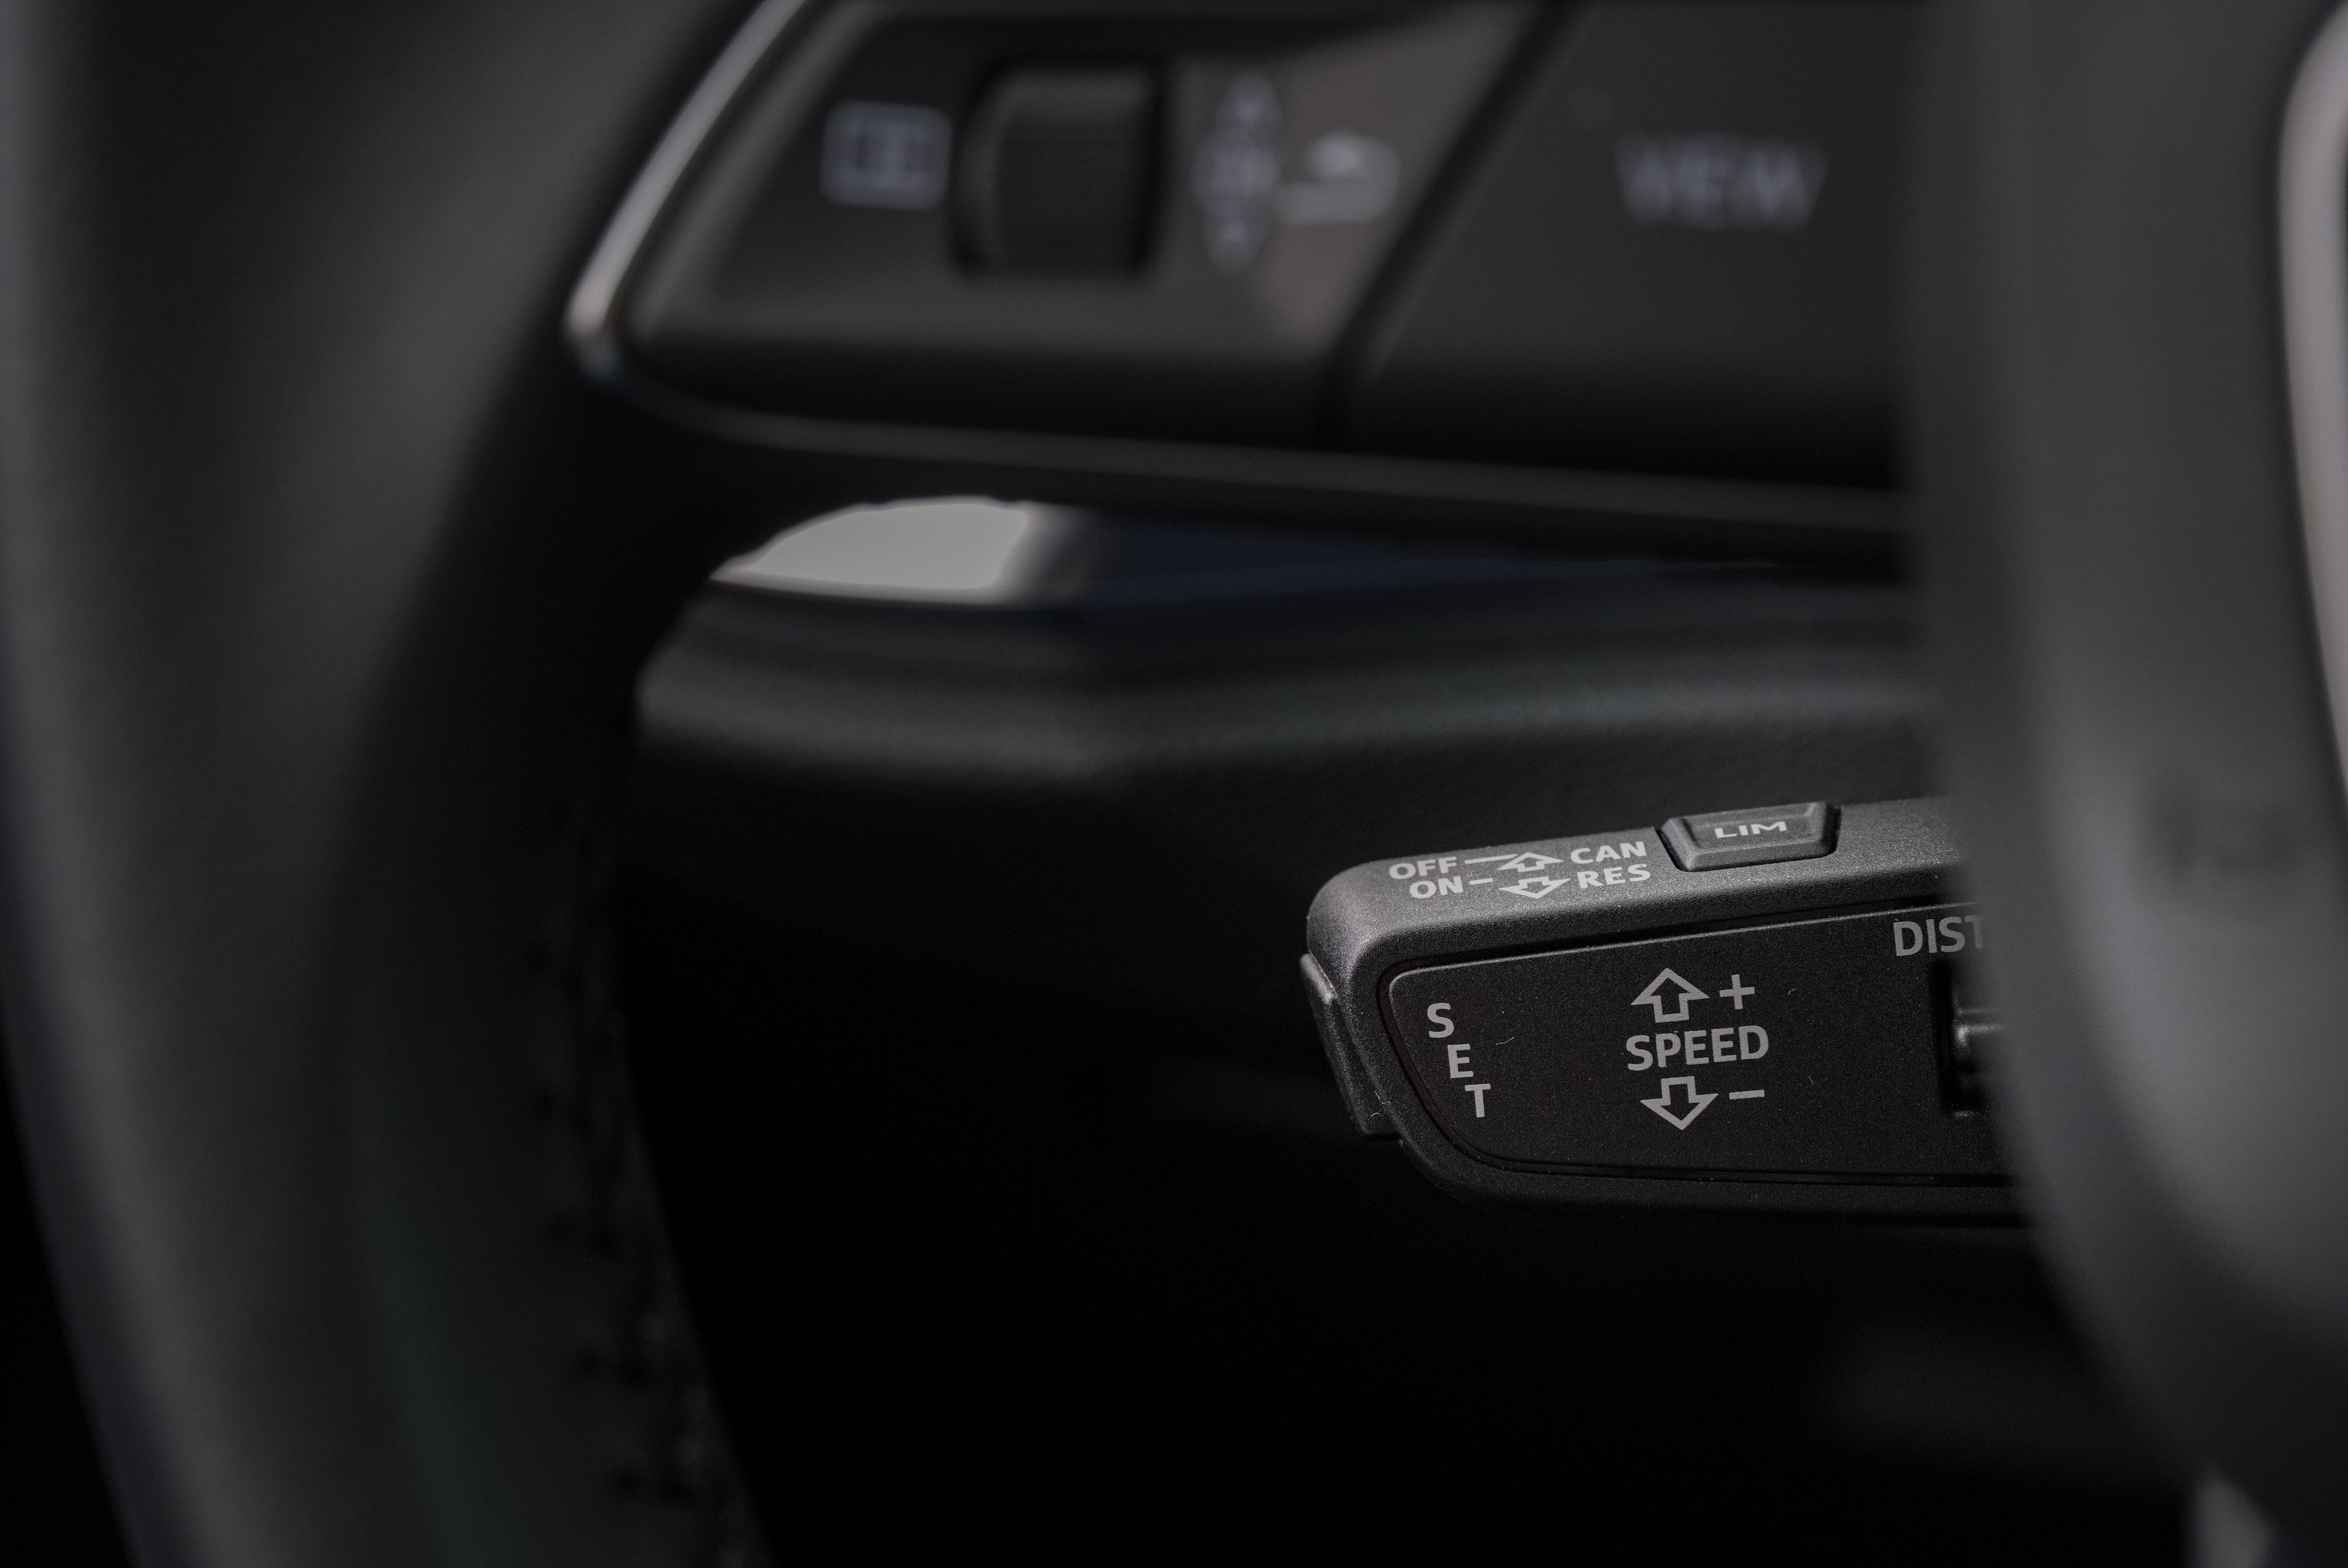 標配 ACC 主動式定速巡航控制系統、Audi lane assist 主動式車道維持及偏離警示系統、Audi side assist 車道變換輔助系統 (盲點警示) 等。